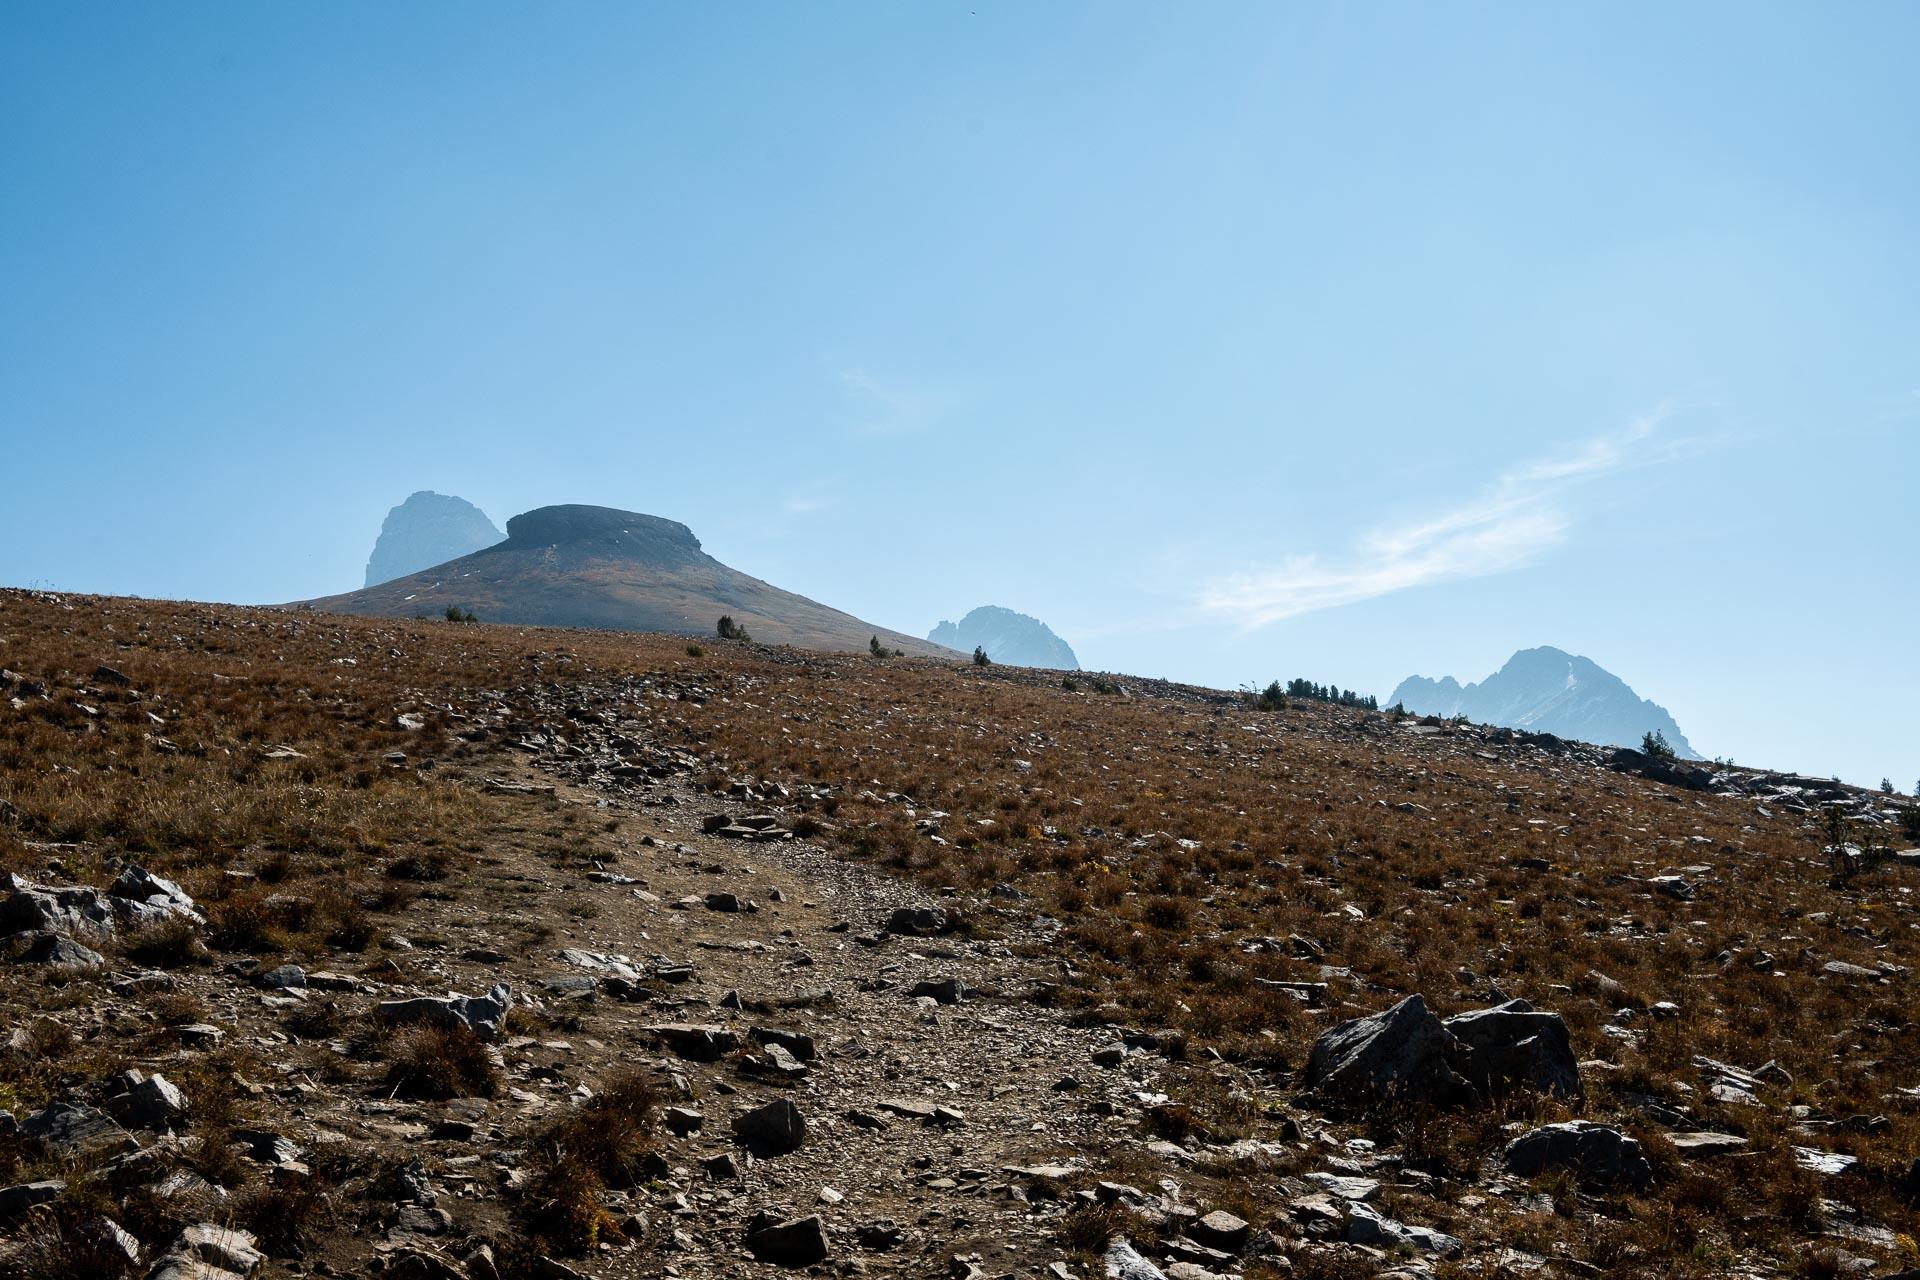 Table Mountain's summit